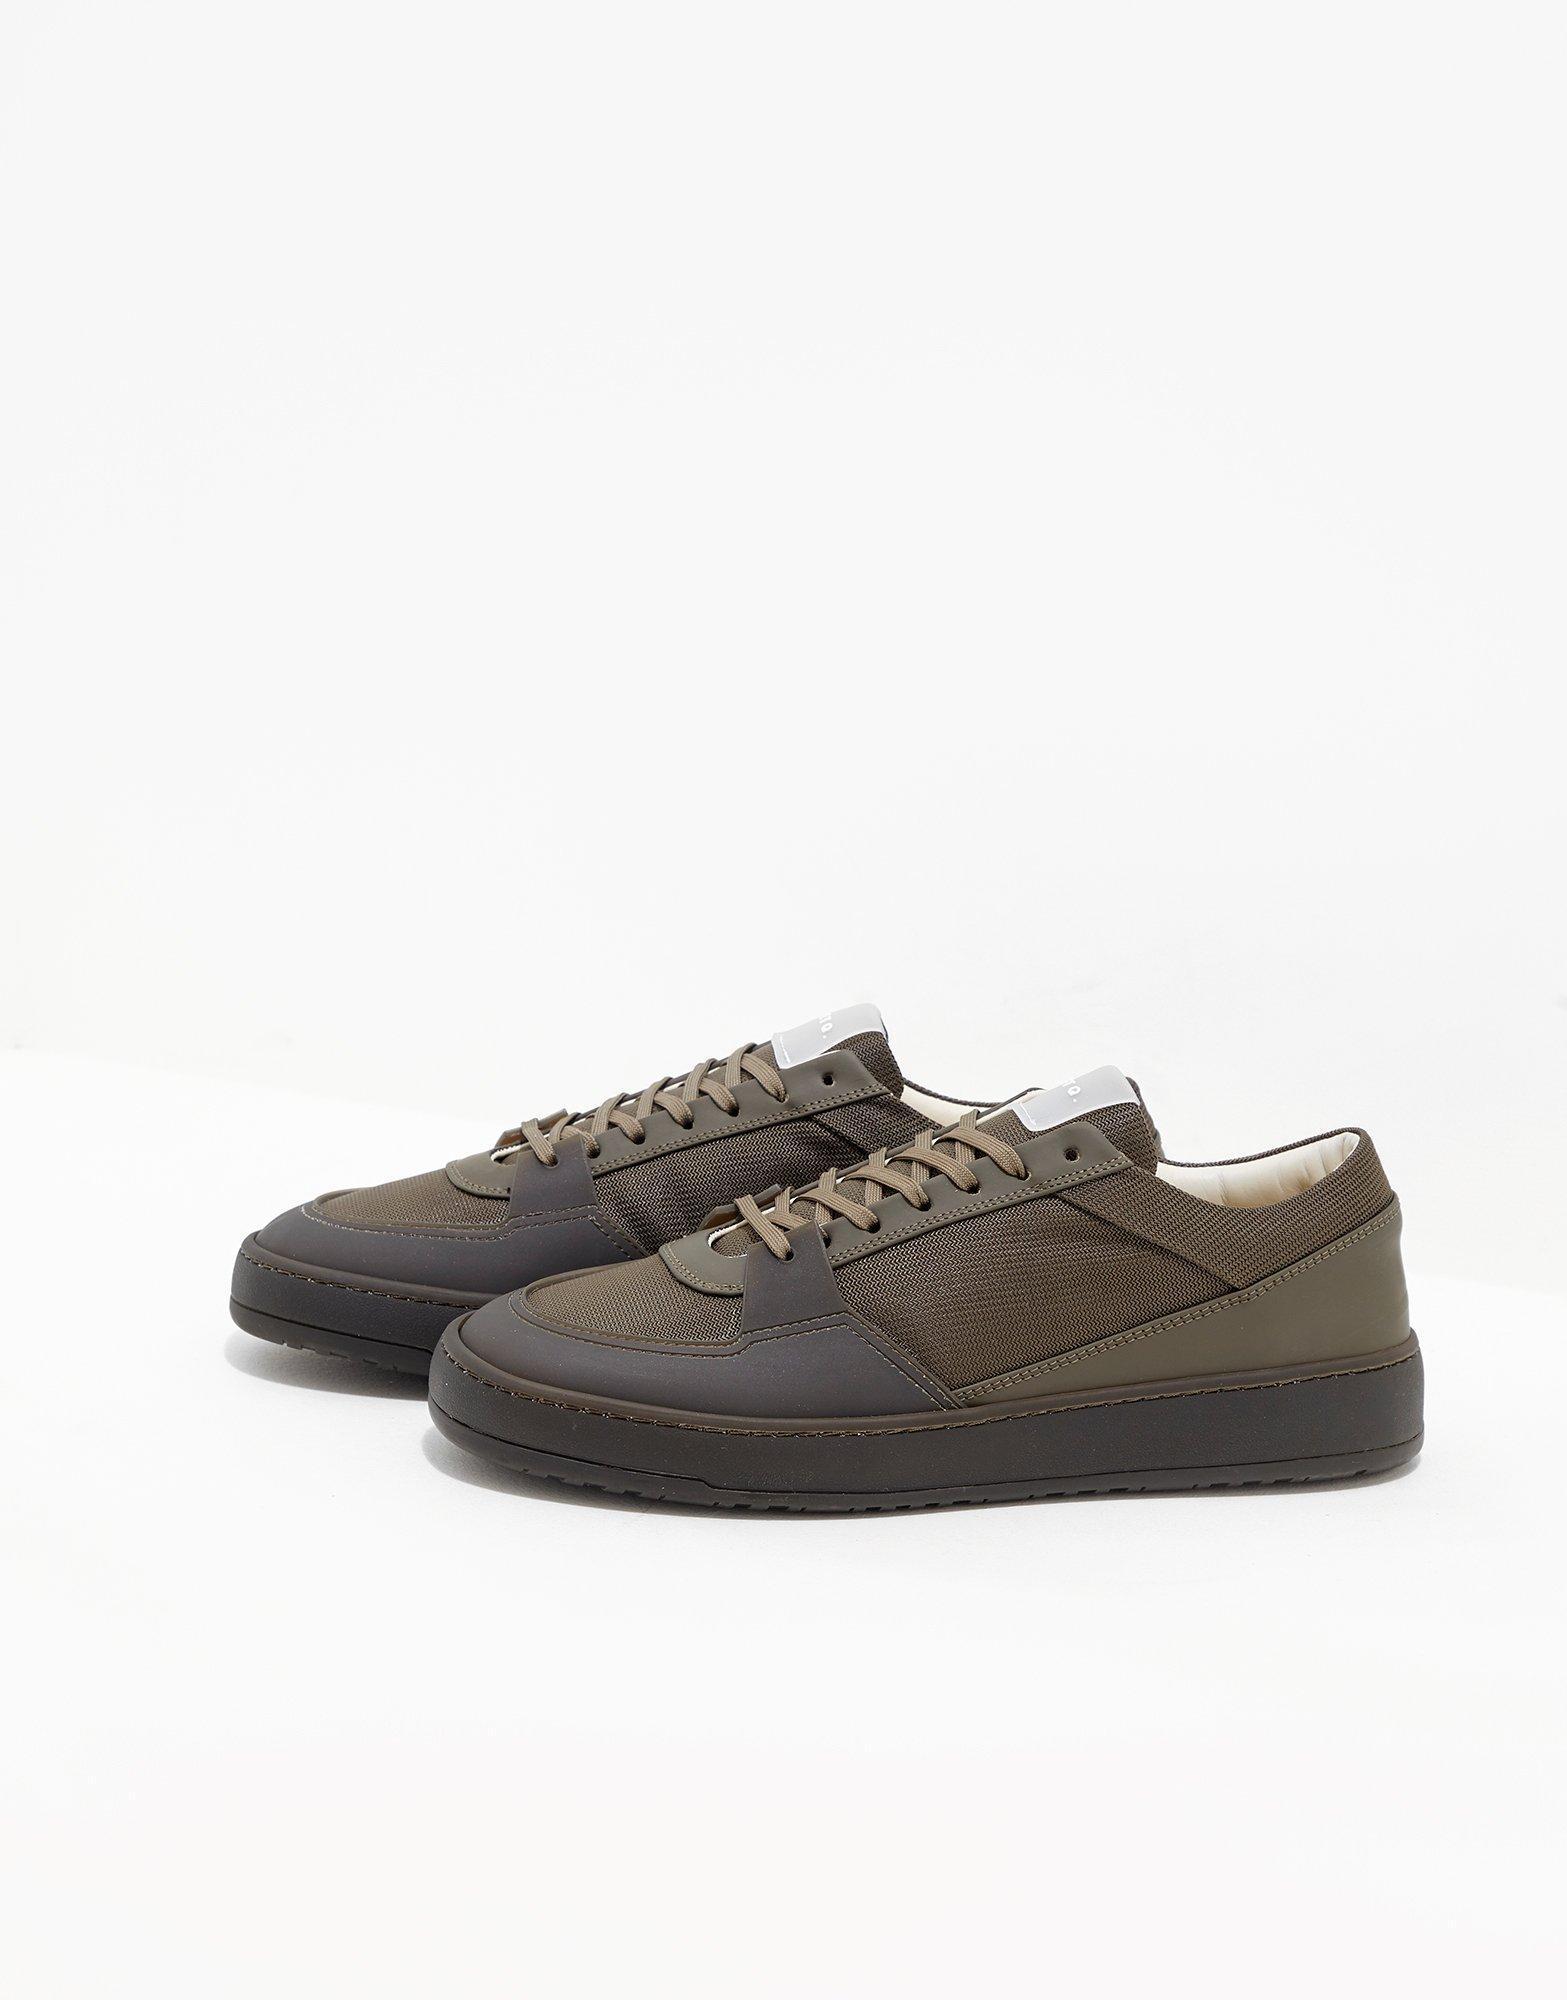 Men's Lt03 Low Sneakers - Online Exclusive Green